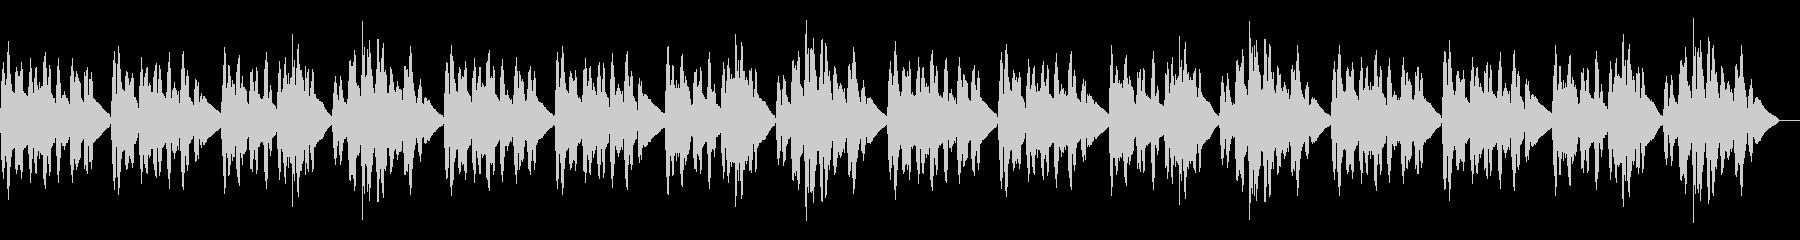 「仰げば尊し」のバイオリンソロの未再生の波形